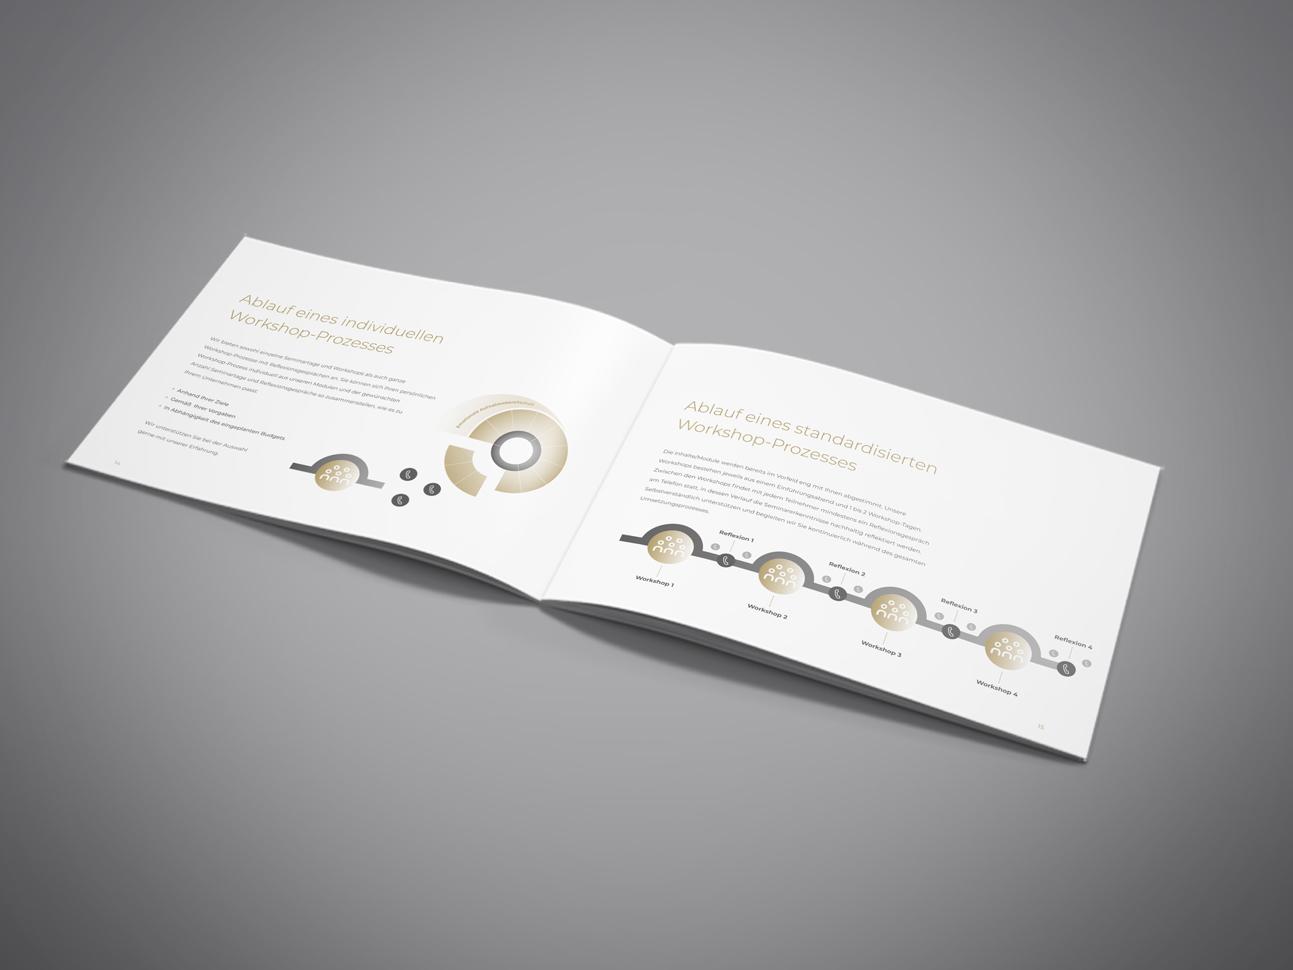 martin zech design, corporate design, pontea, firmenbroschuere, doppelseite 5